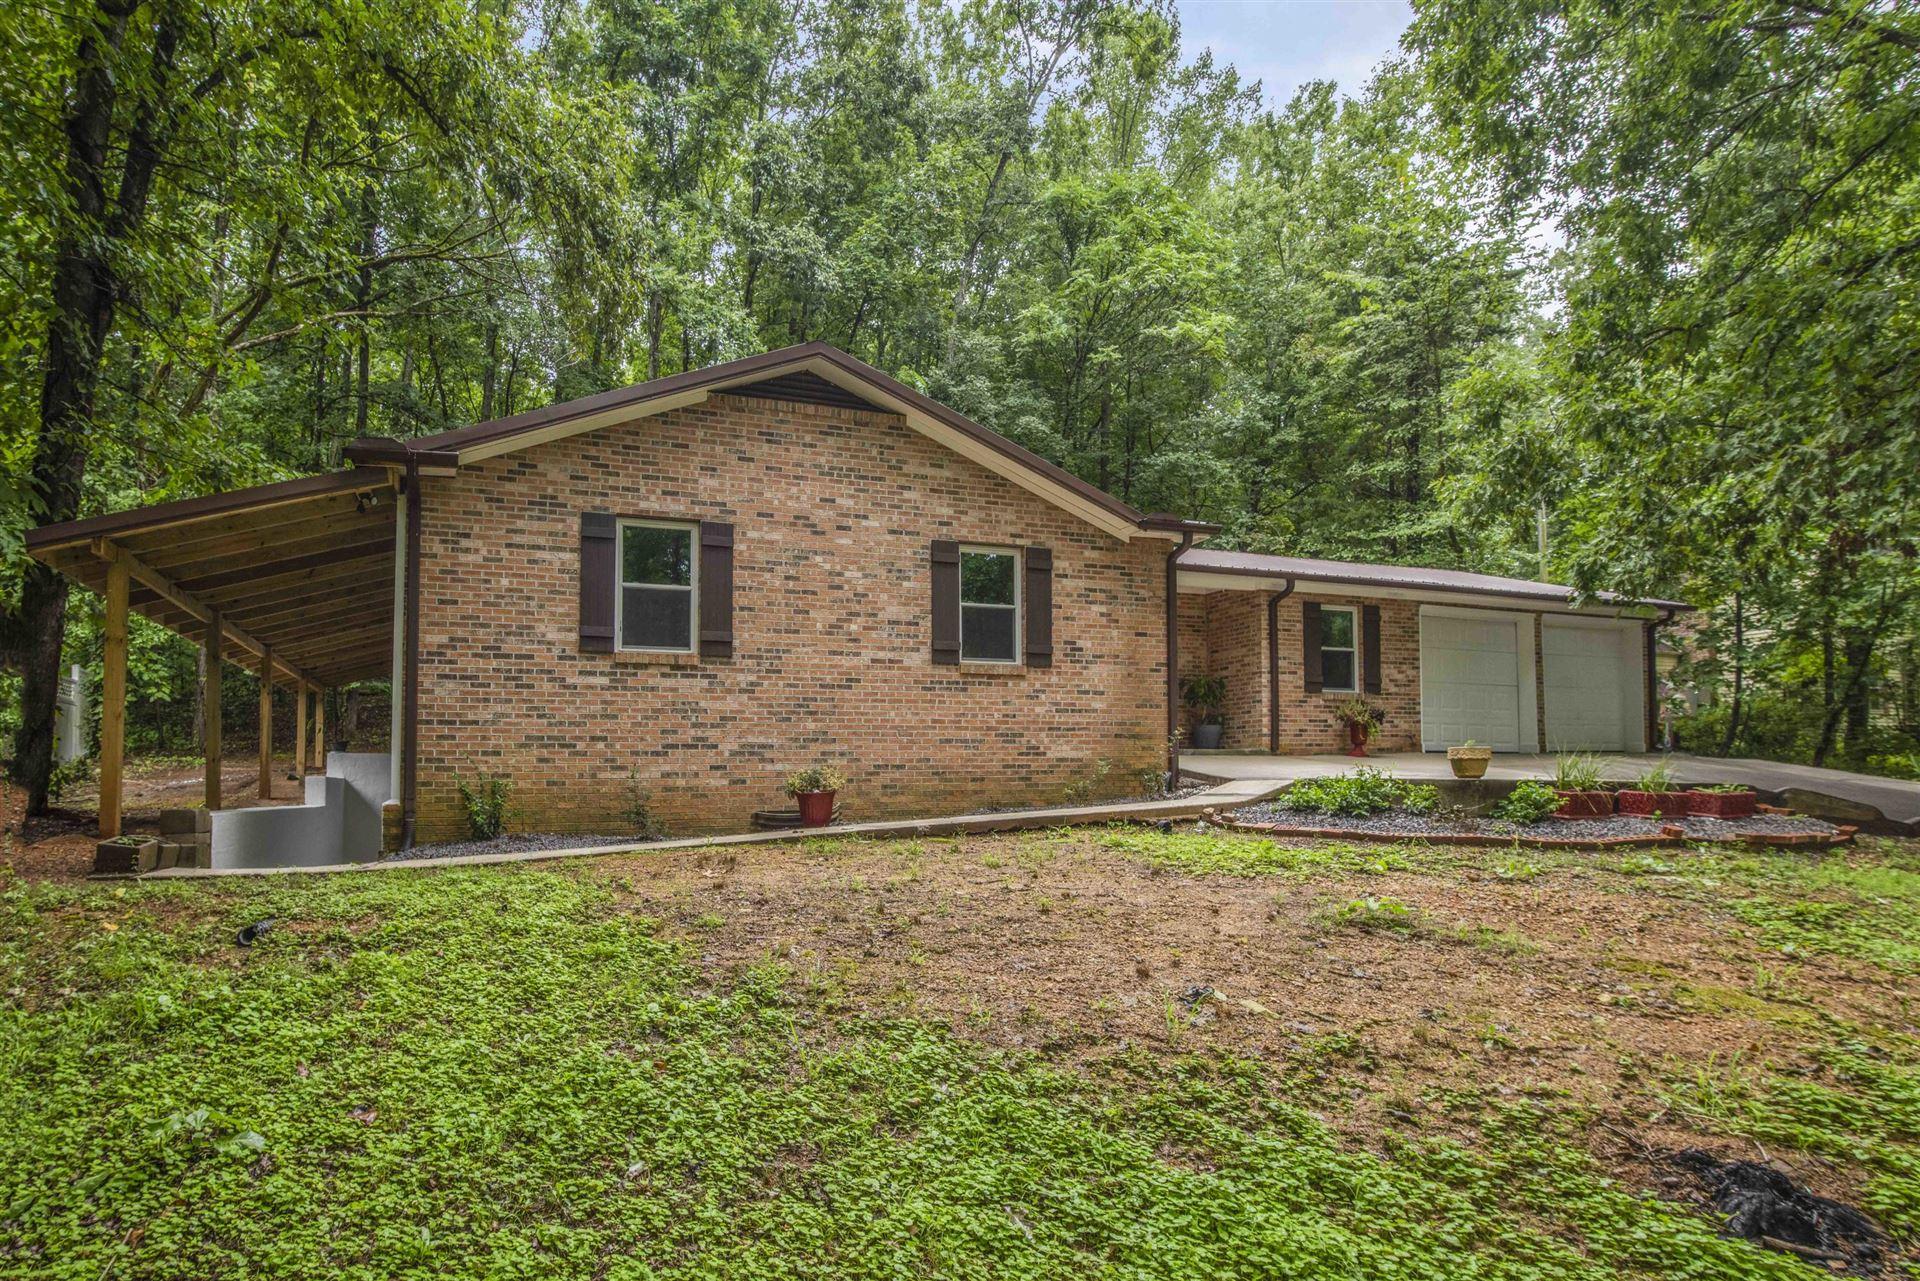 Photo of 109 Timbercrest Drive, Oak Ridge, TN 37830 (MLS # 1127454)